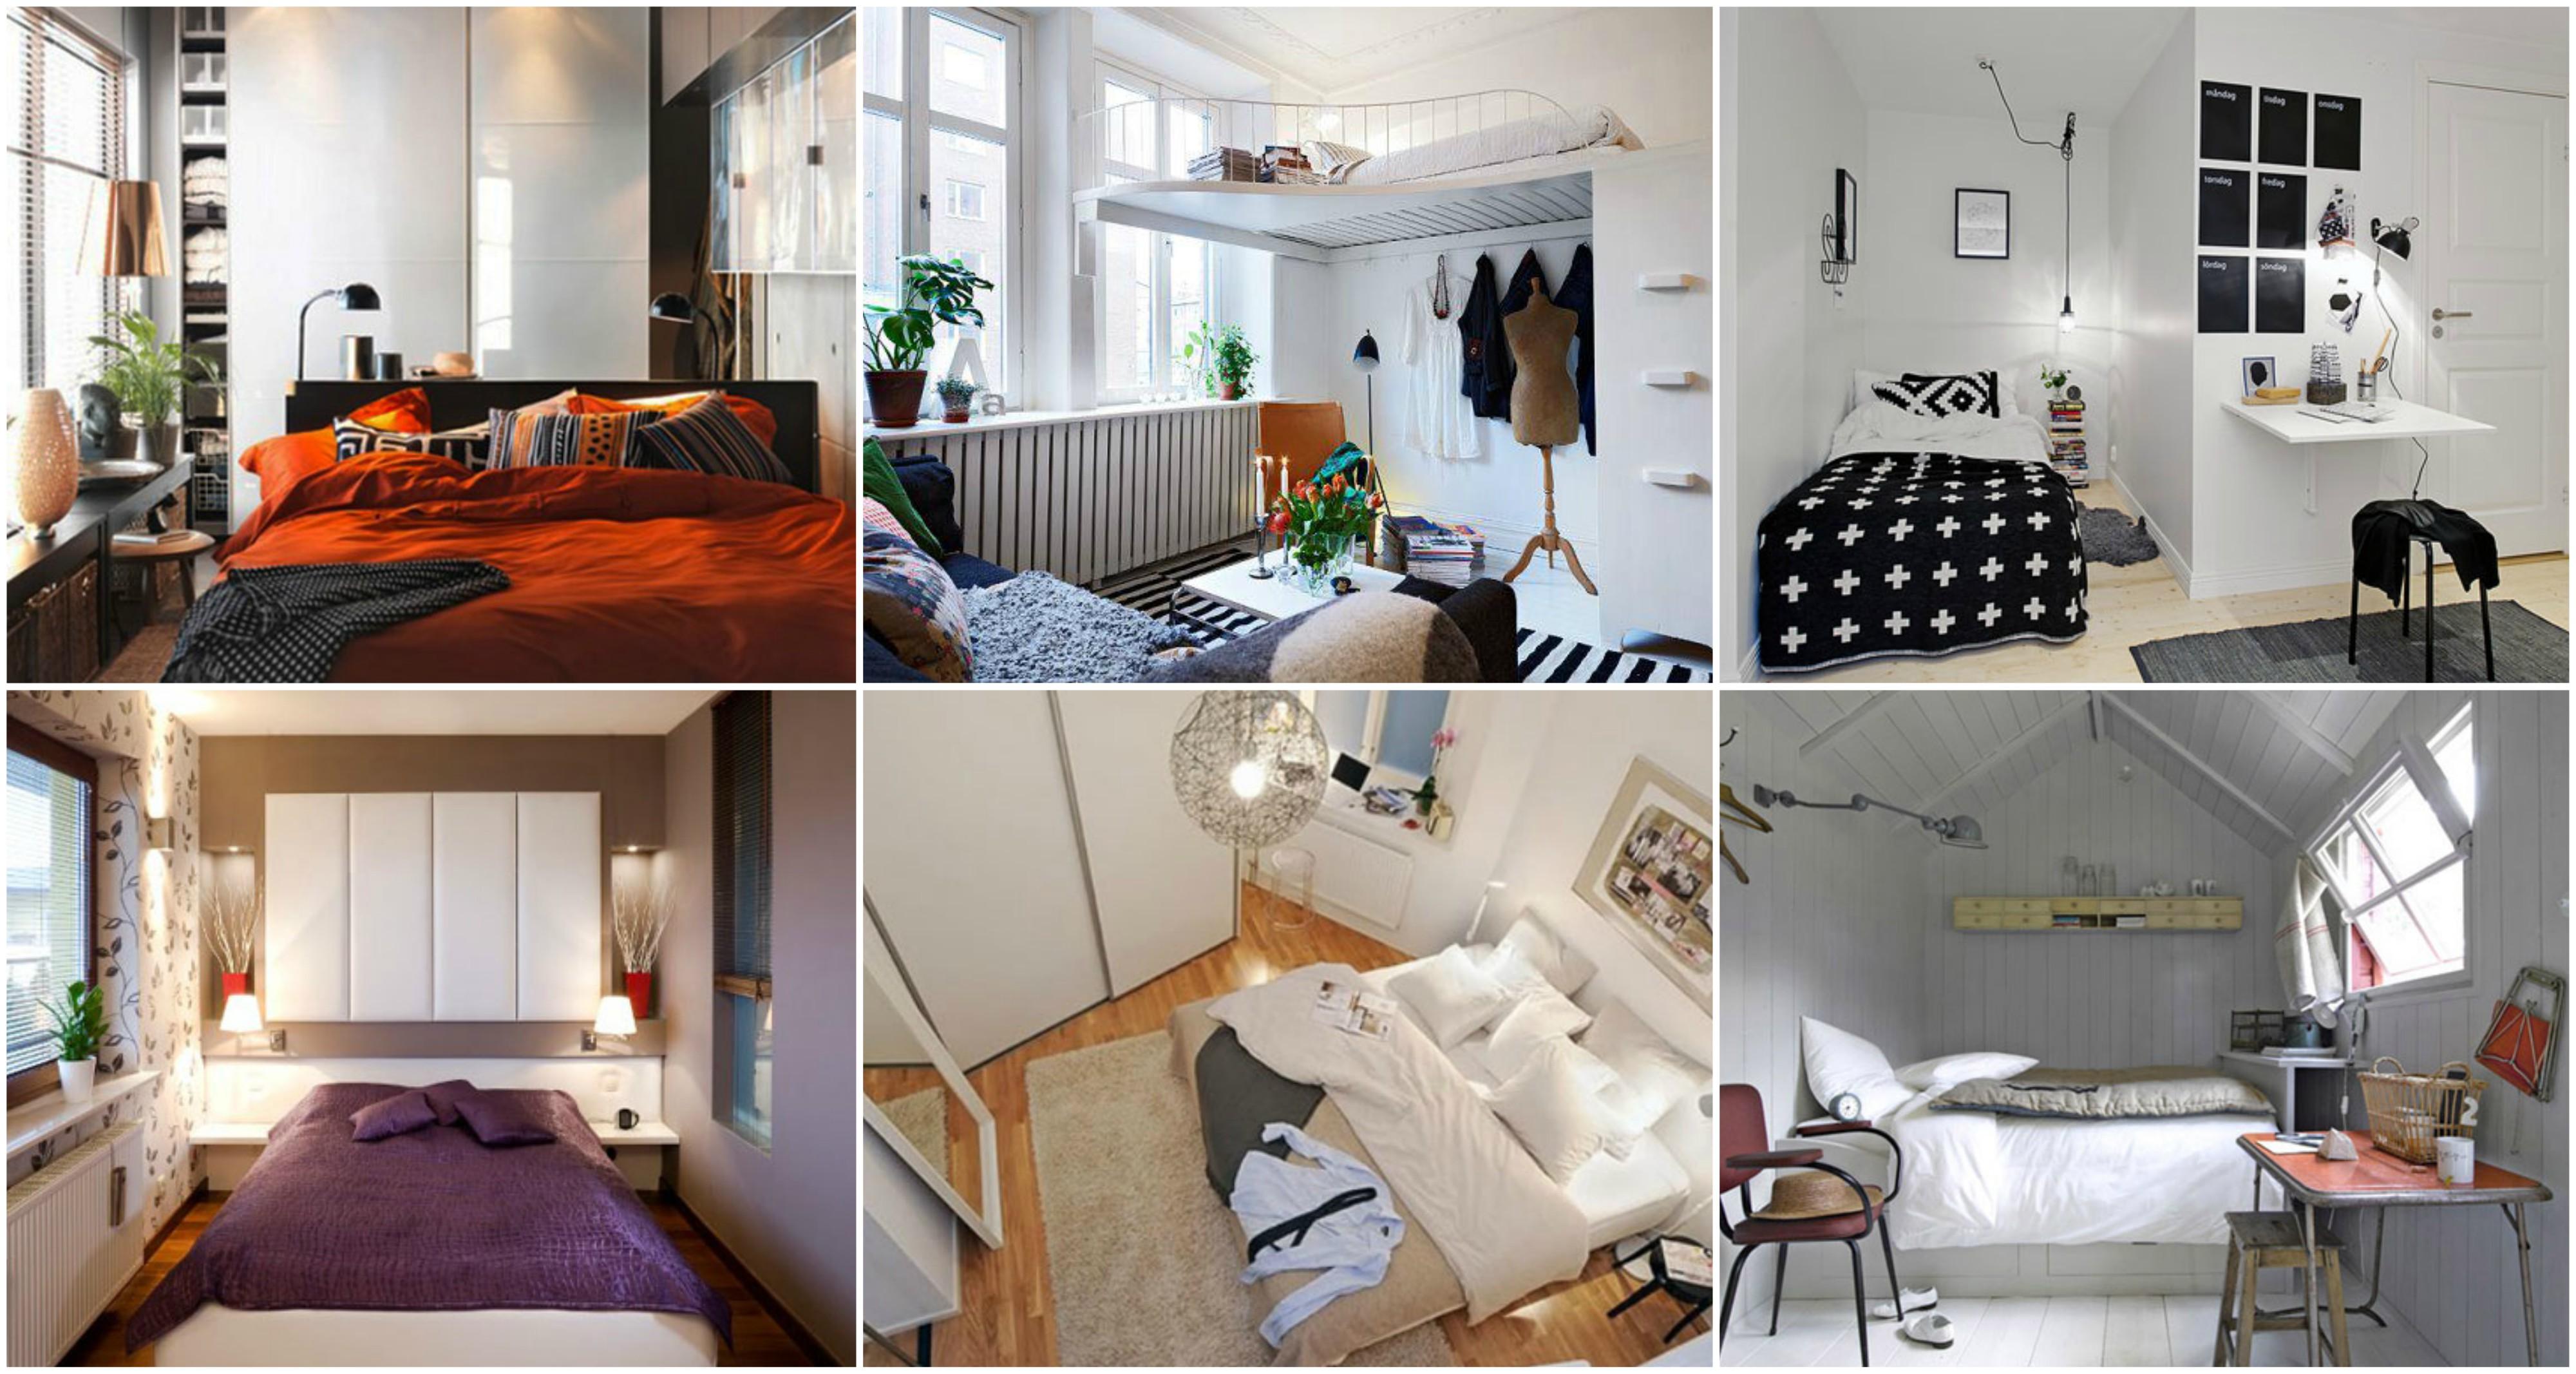 Kleines schlafzimmer platzsparend einrichten for Kleines schlafzimmer einrichten ideen